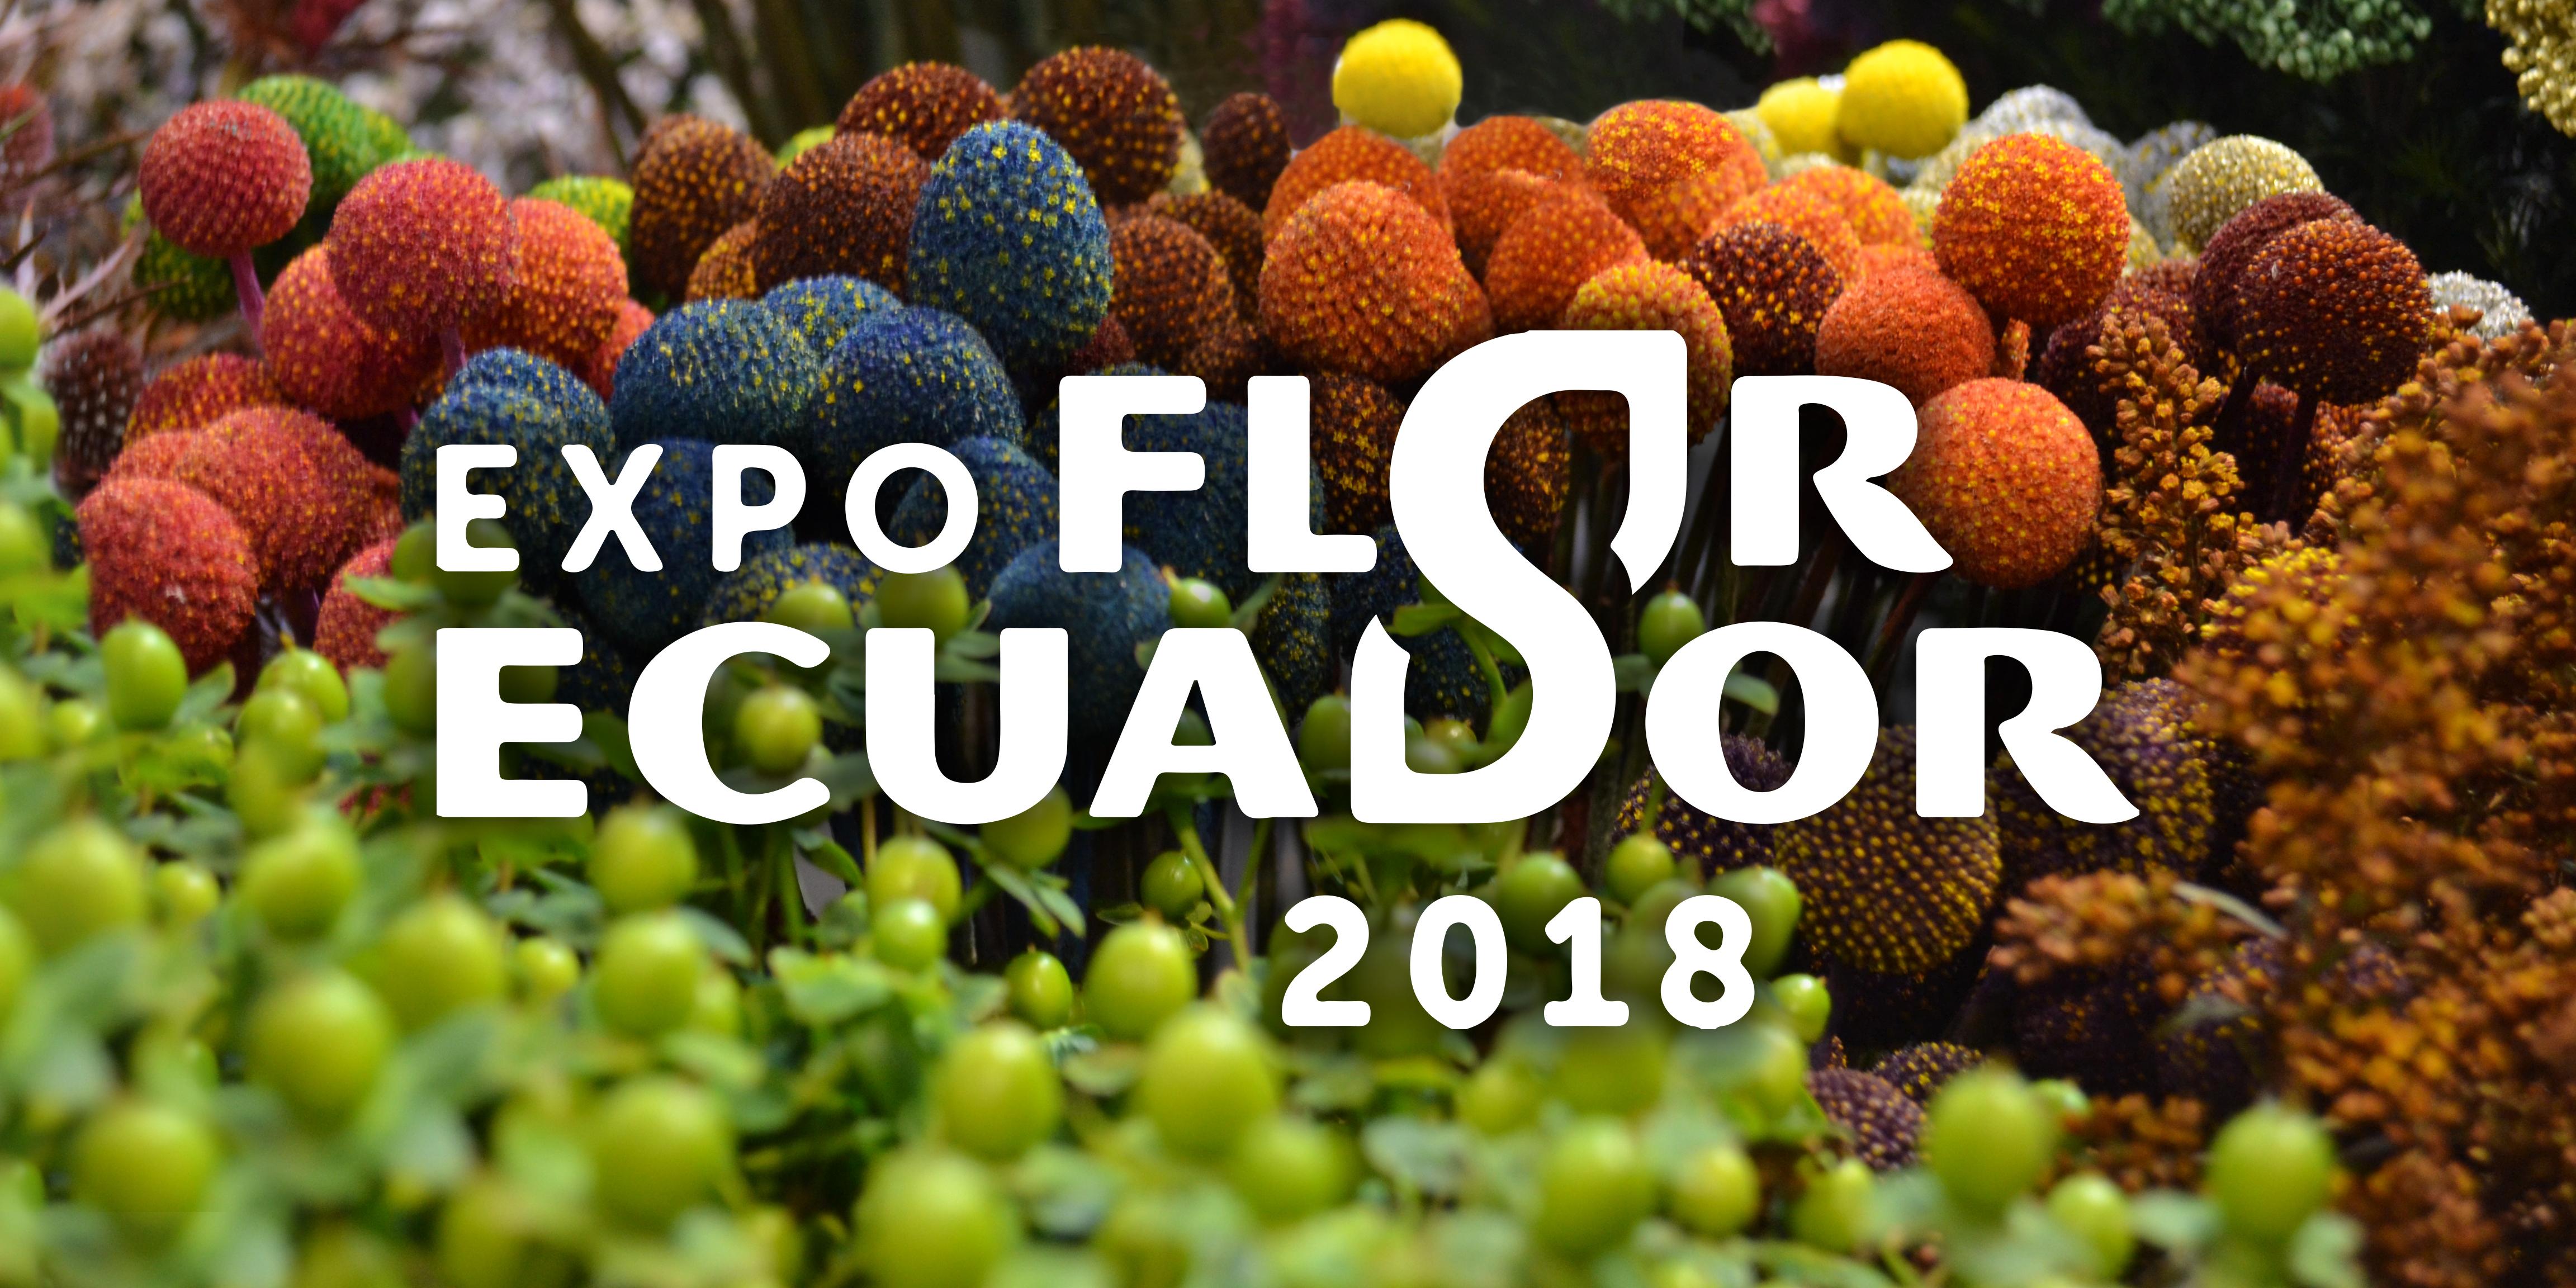 EXPO-FLOR FAIR AND TRADESHOW 2018